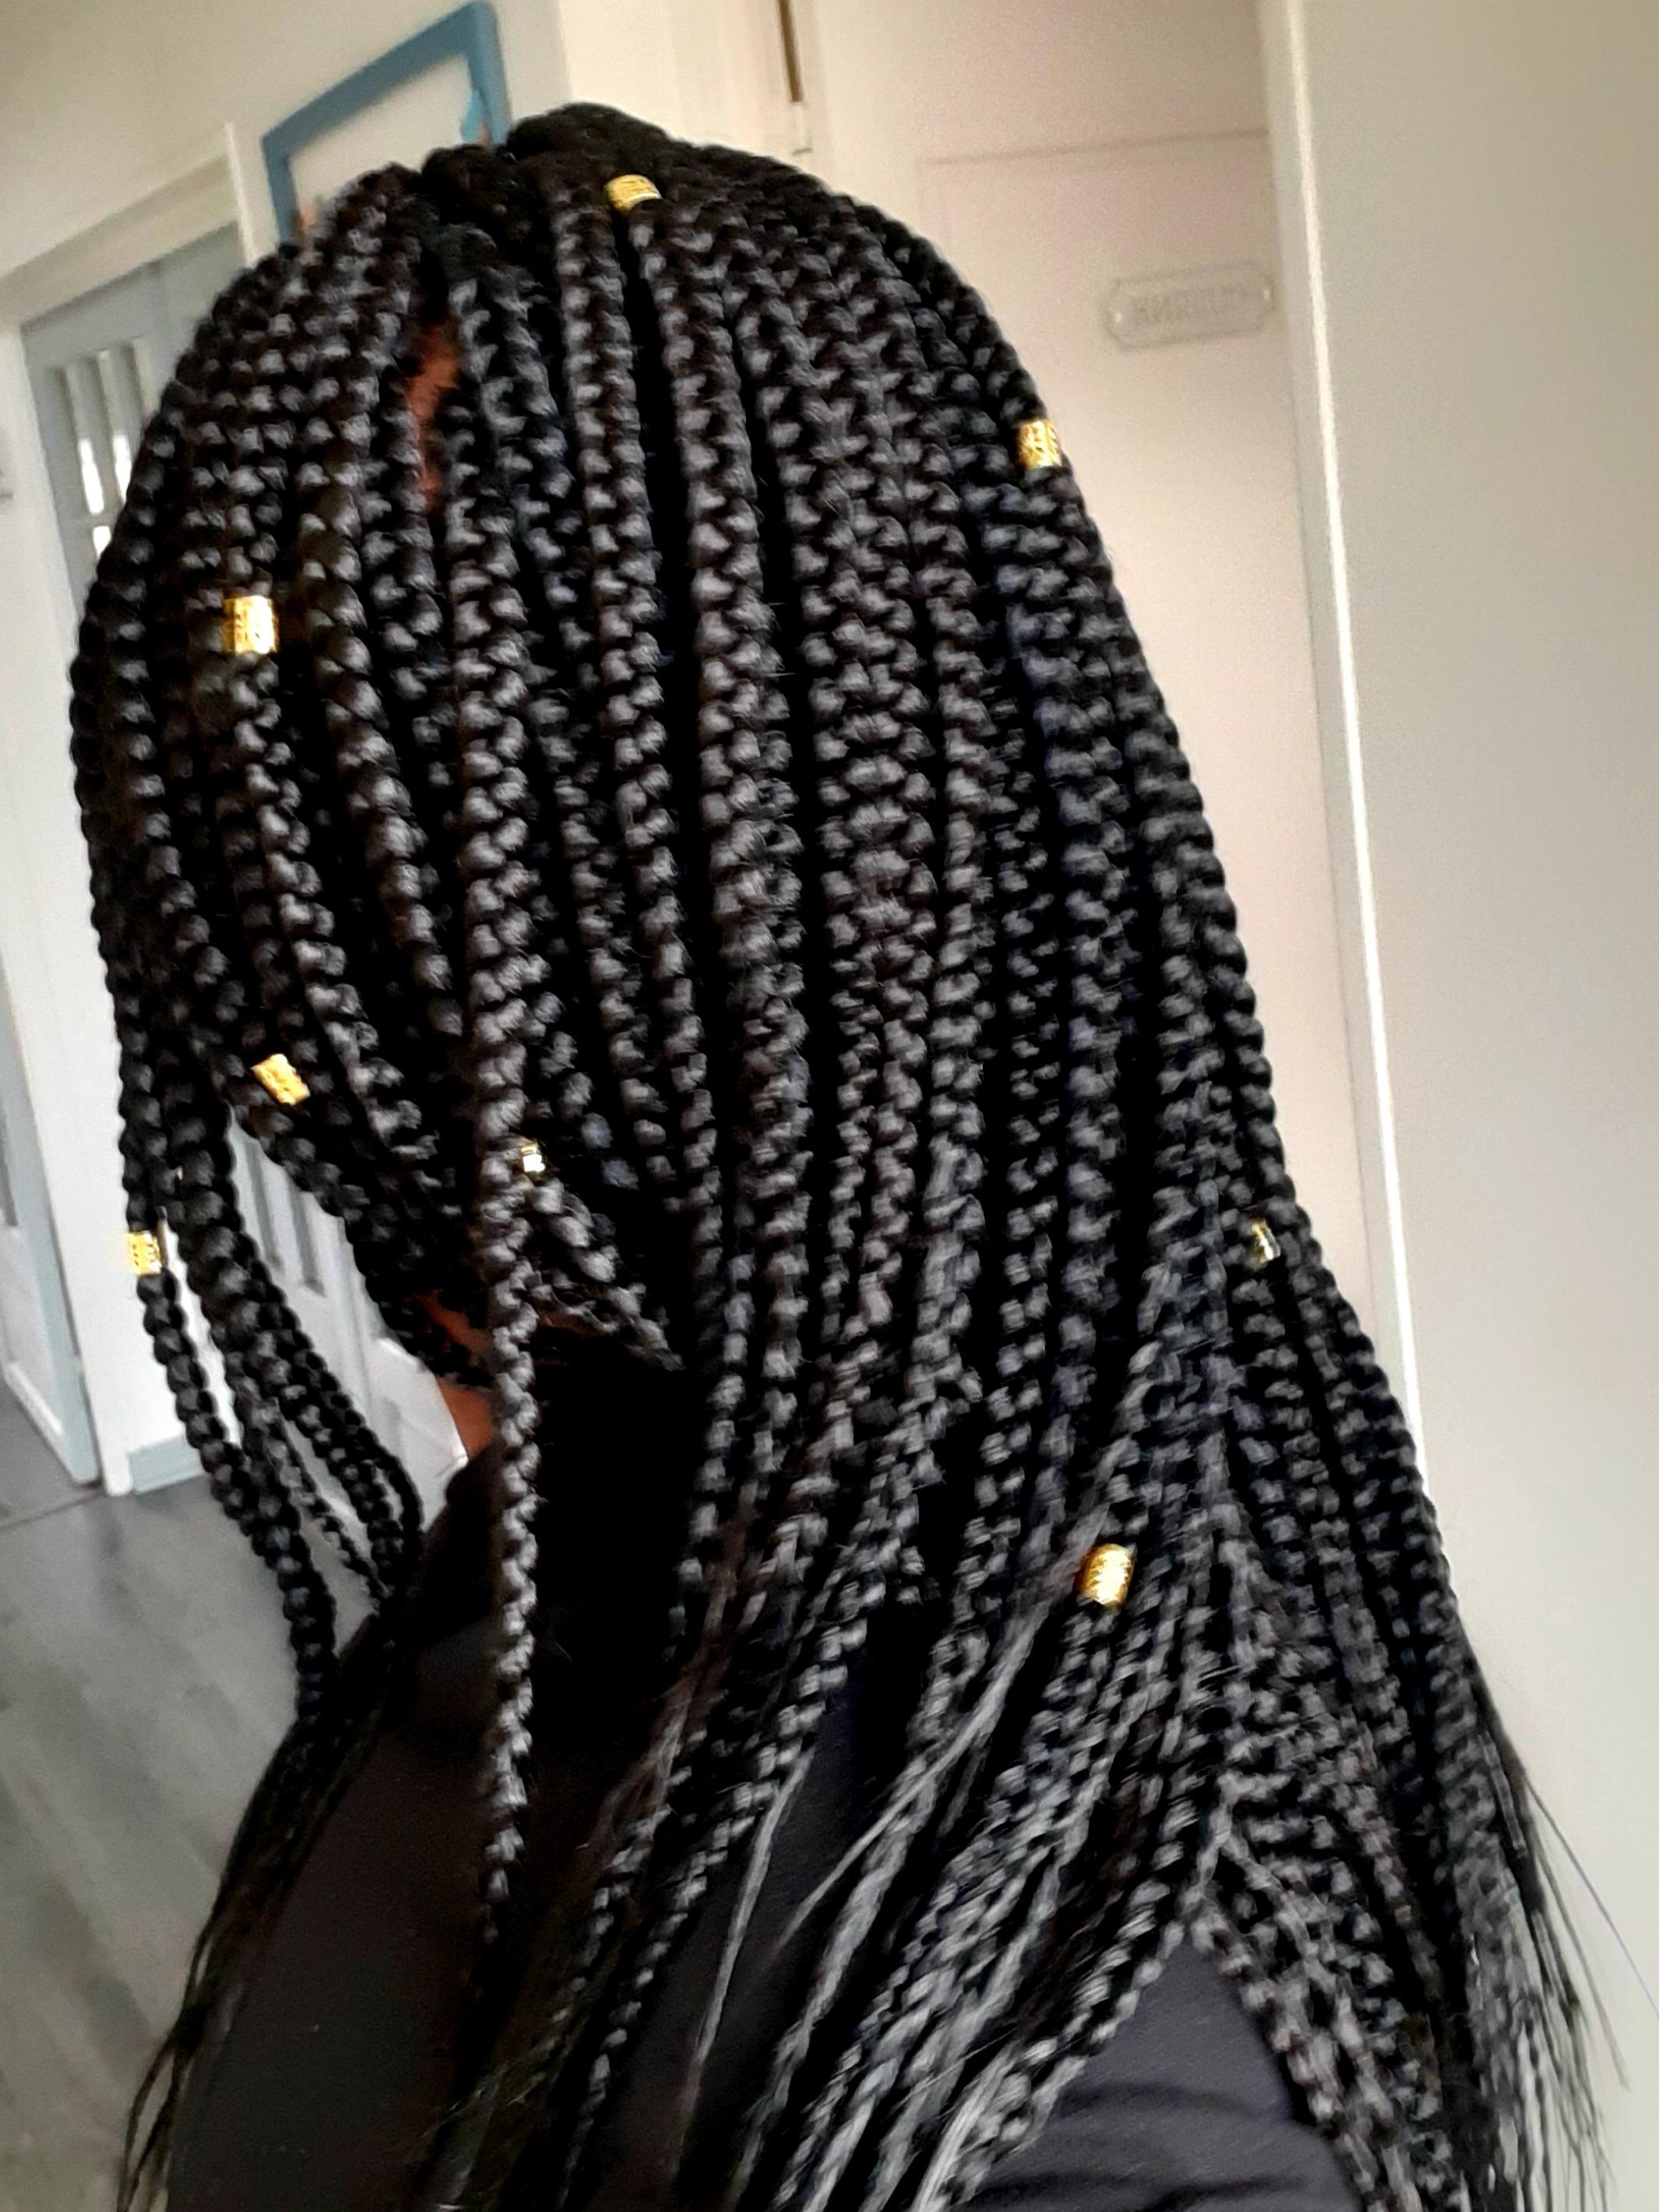 salon de coiffure afro tresse tresses box braids crochet braids vanilles tissages paris 75 77 78 91 92 93 94 95 VQUACBVL